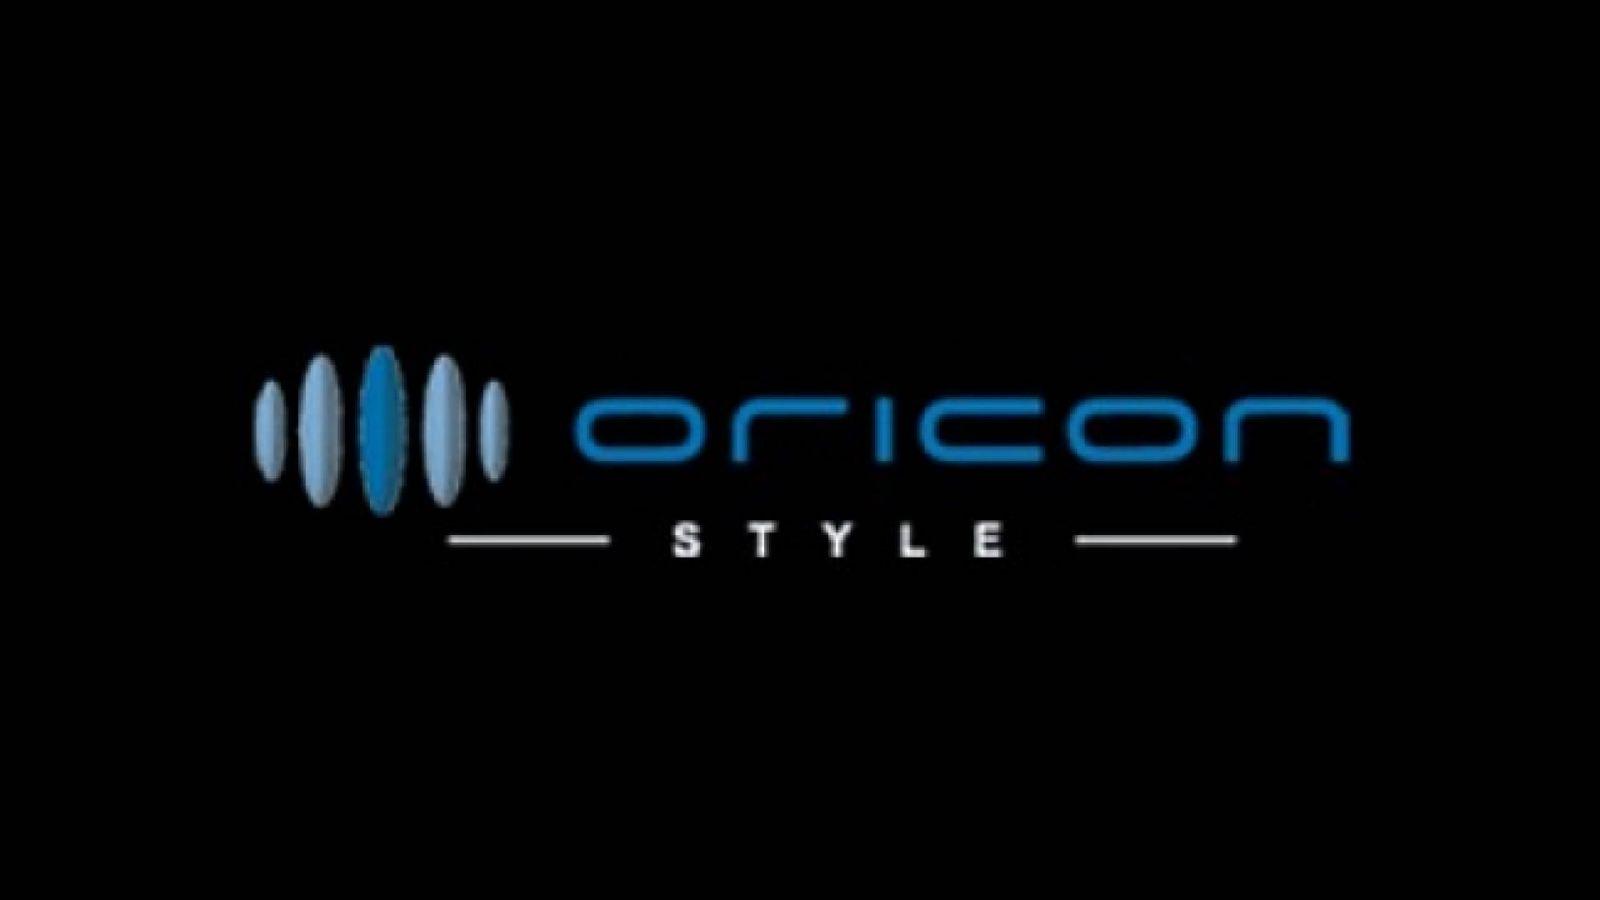 Oricon 2018 Woche 38 © JaME - Oricon